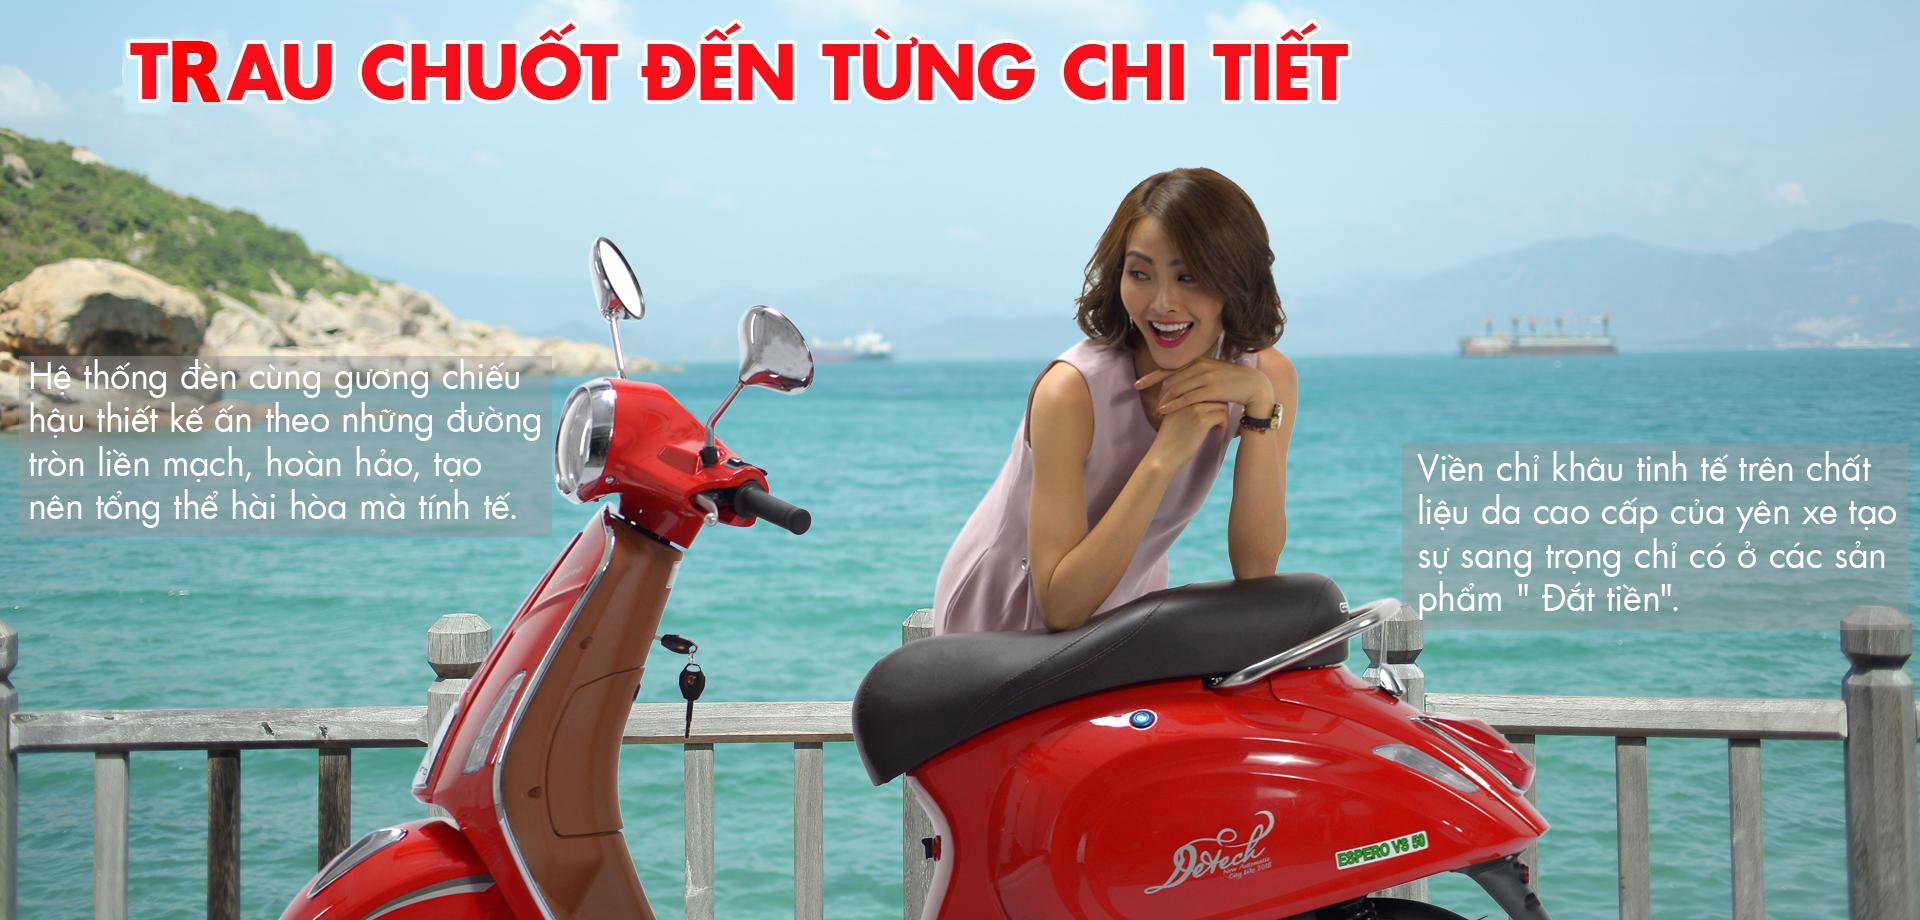 Thời thượng, sang trọng với xe máy 50cc Espero